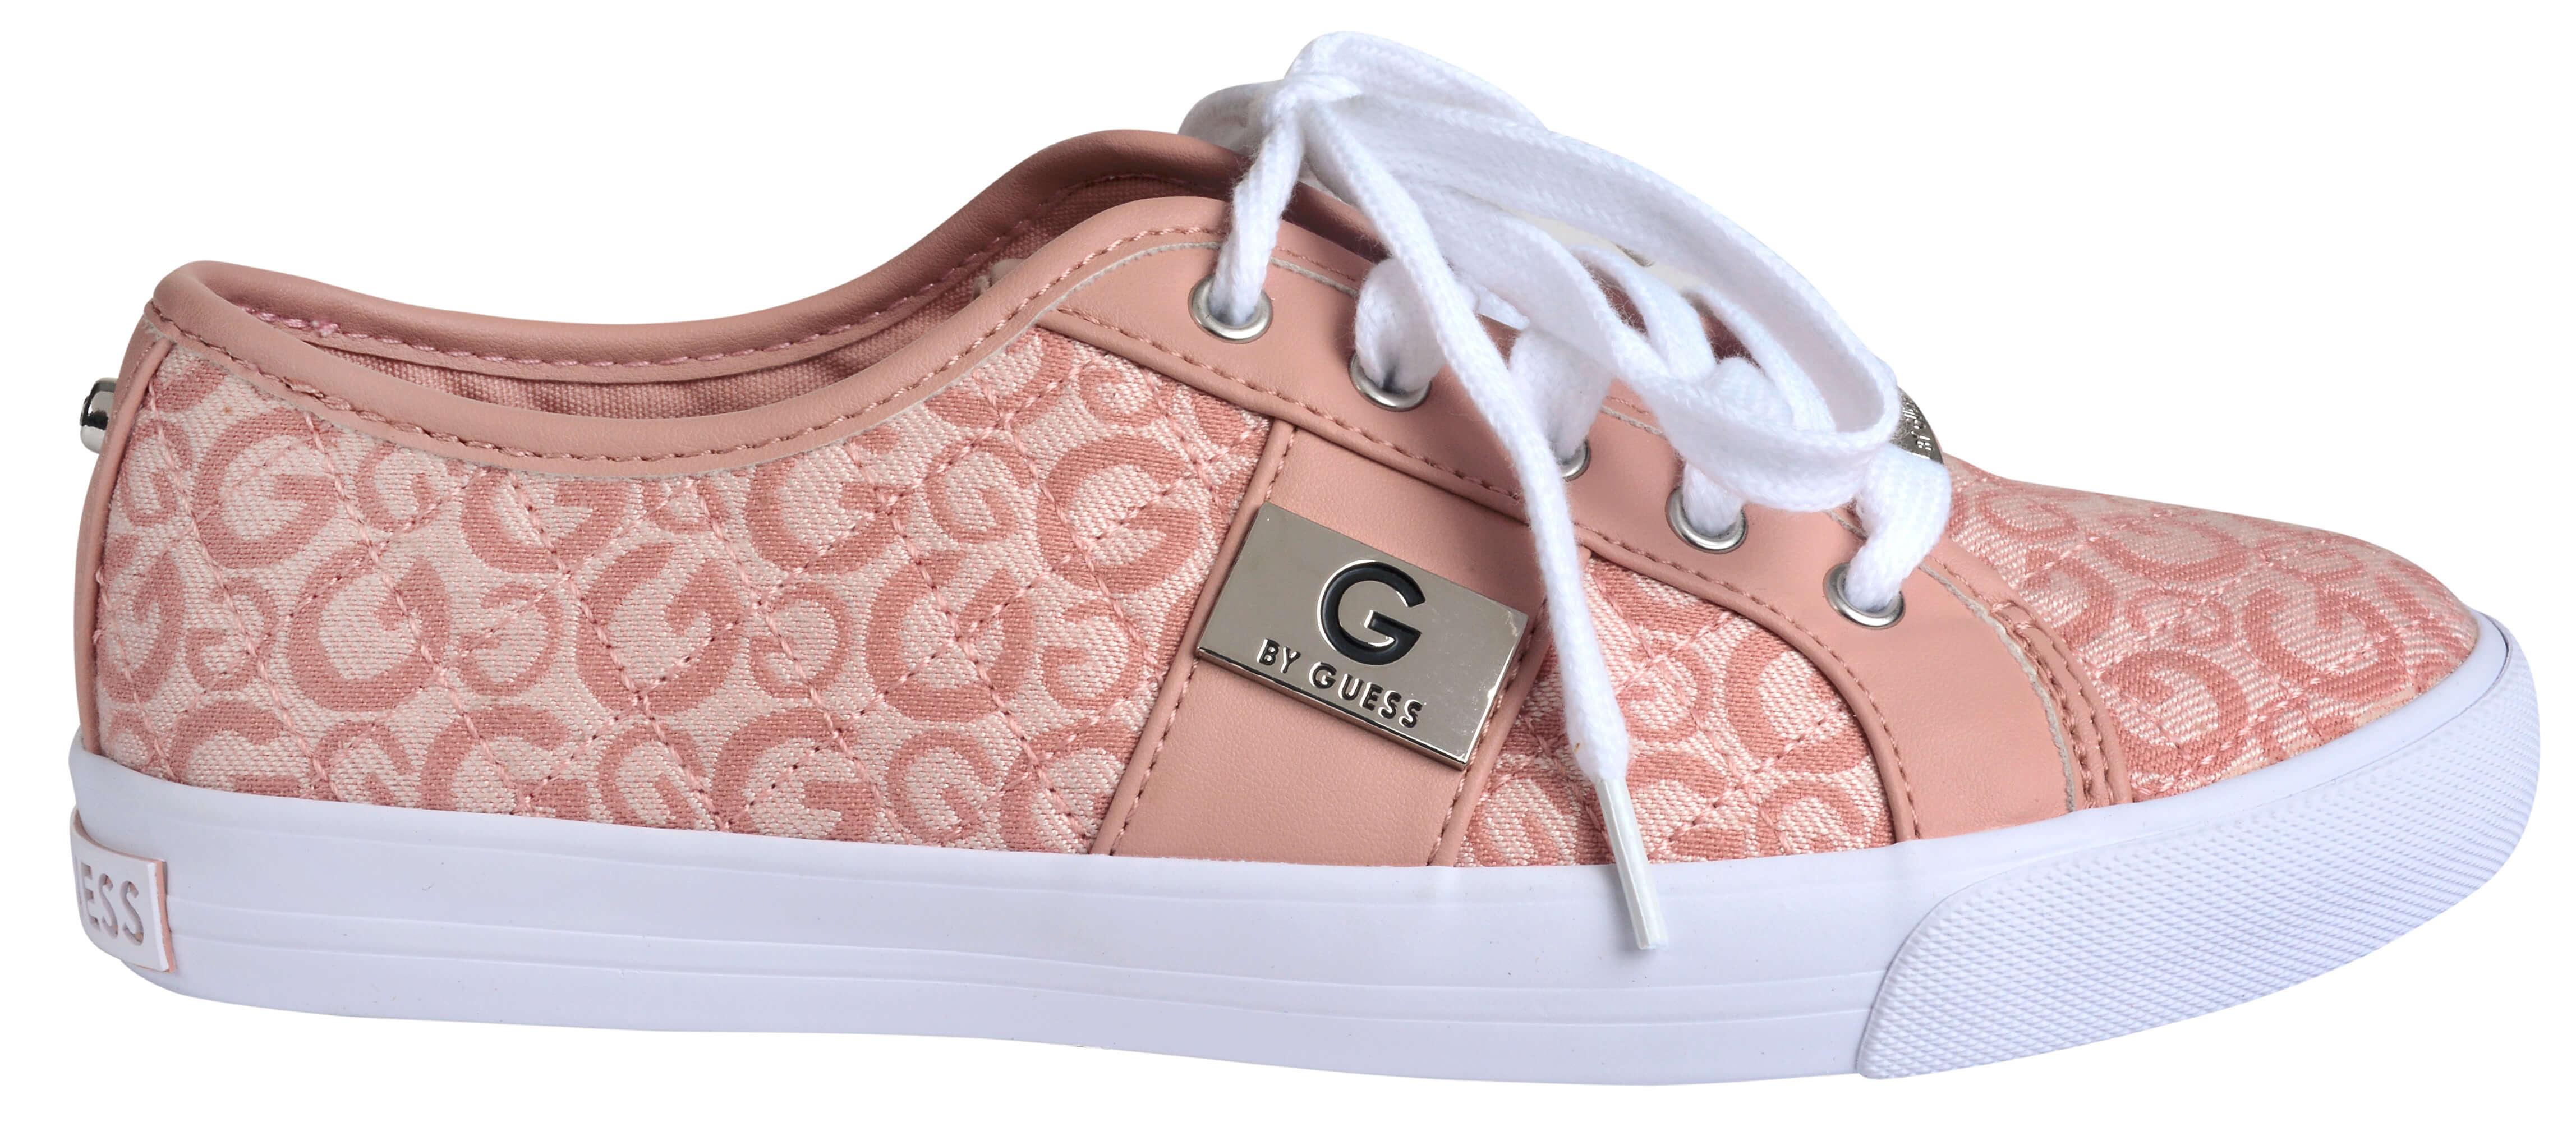 Guess Női Backer3 női cipő Ingyenes SZÁLLÍTÁS  8a7154ca49